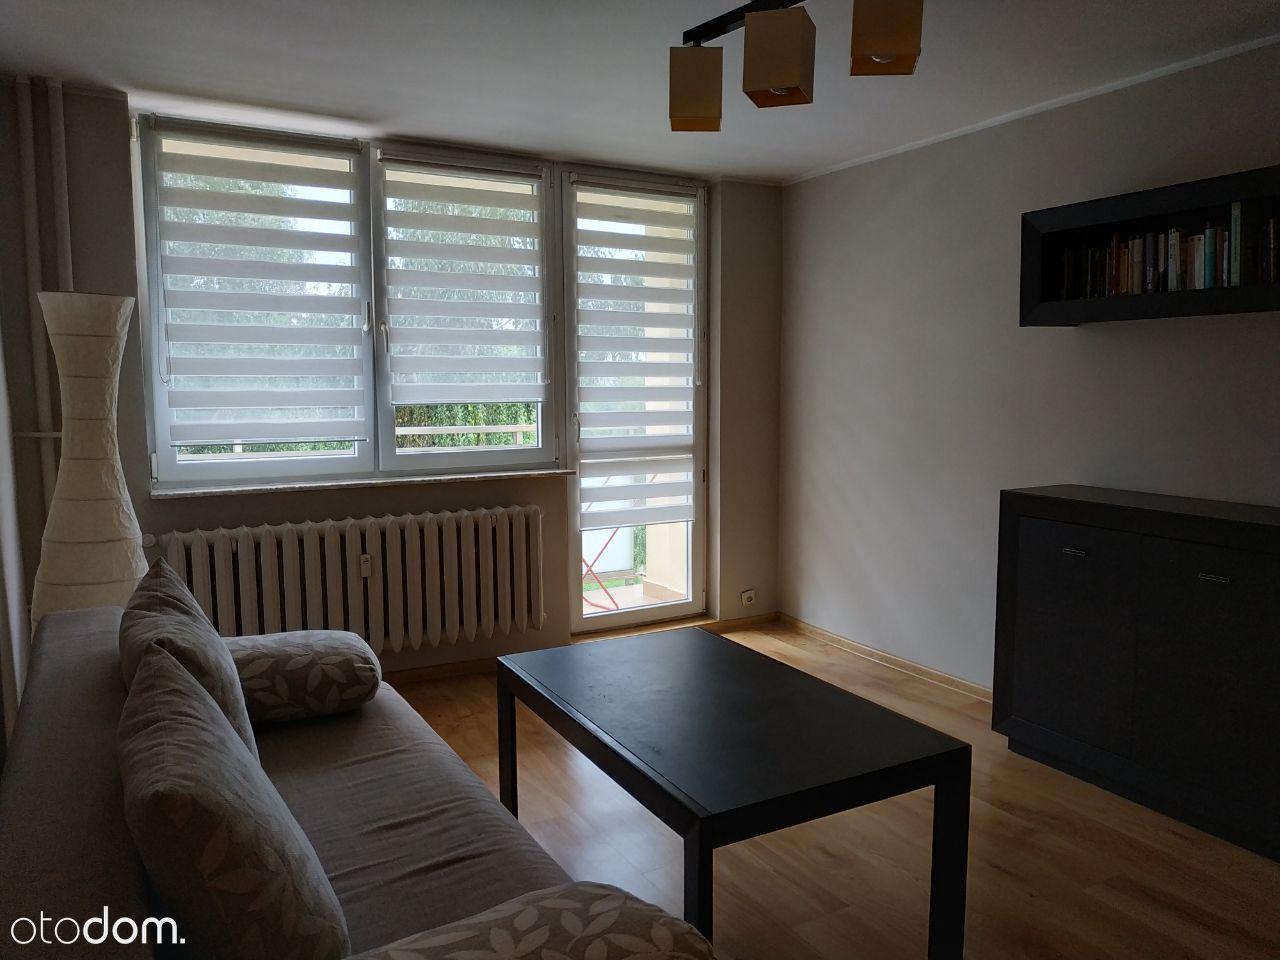 Dwupokojowe mieszkanie 38m2, zielona okolica